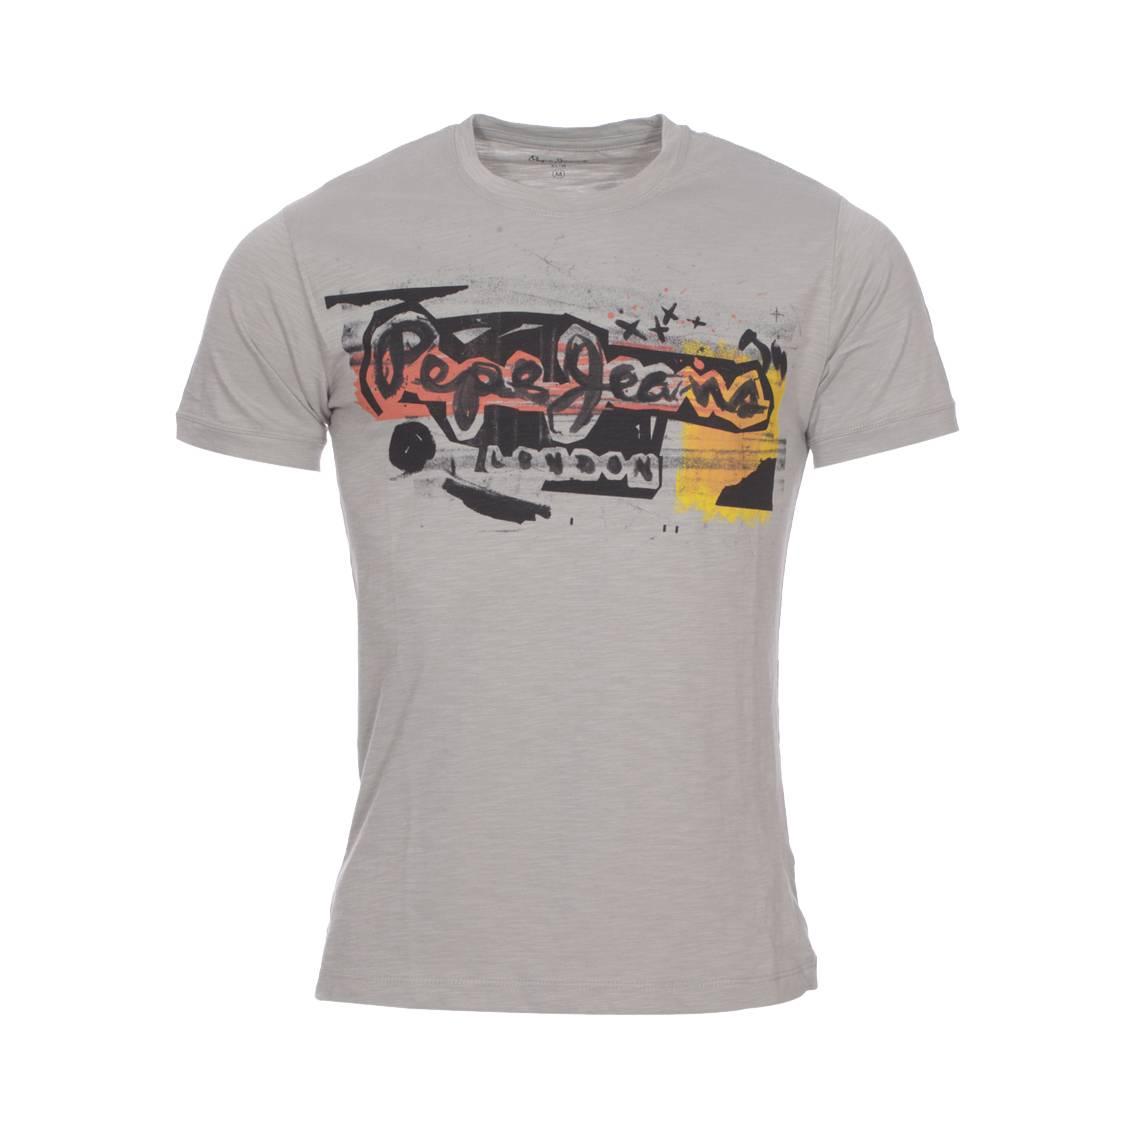 Tee-shirt col rond  amersham en coton gris flammé à flocage graffiti